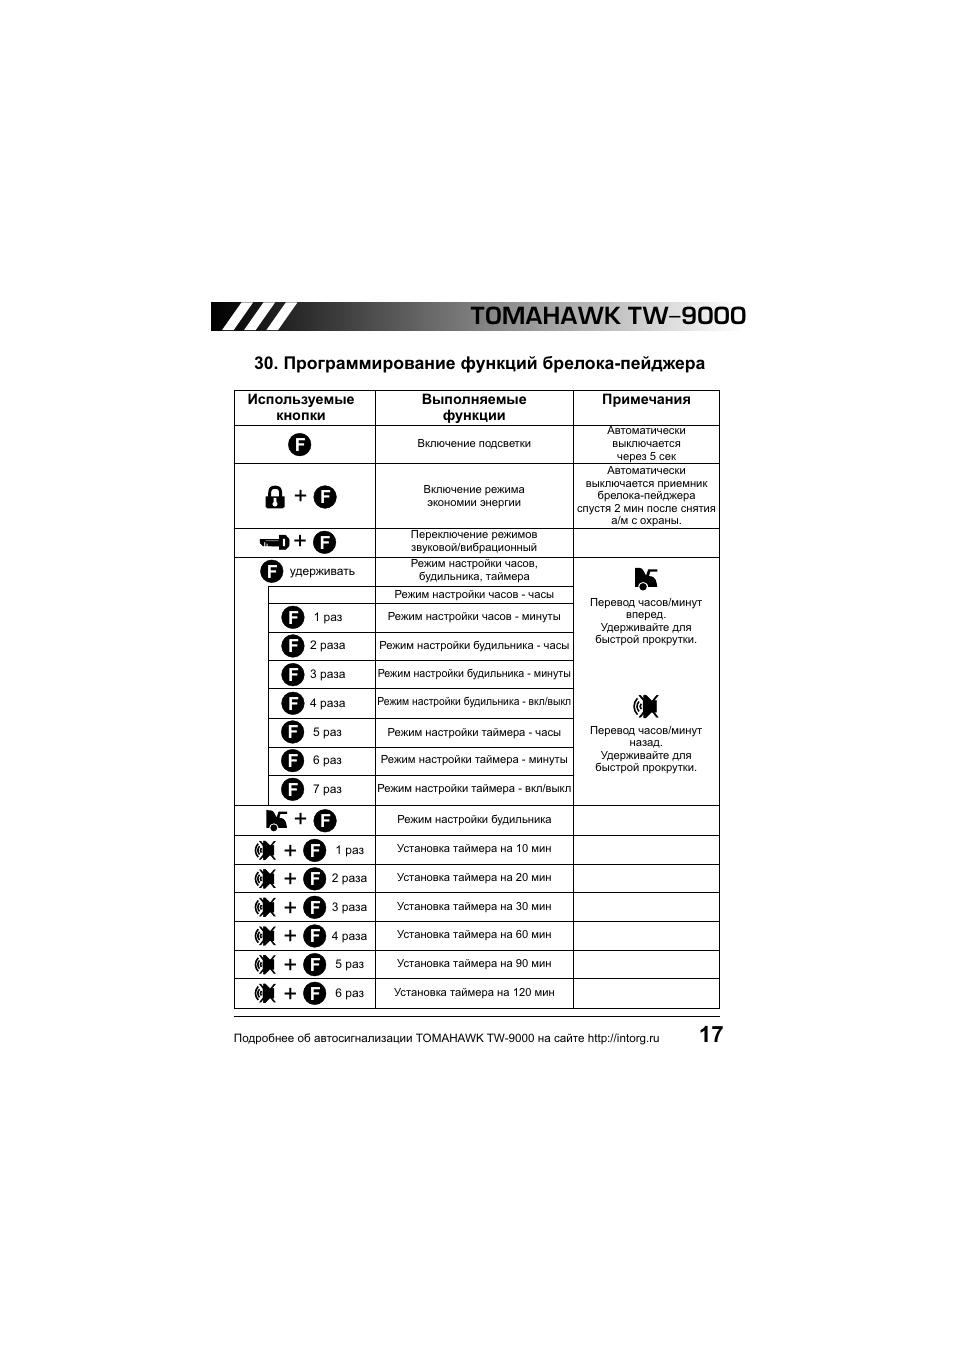 сигнализация tomahawk tw 9010 автозапуск инструкция